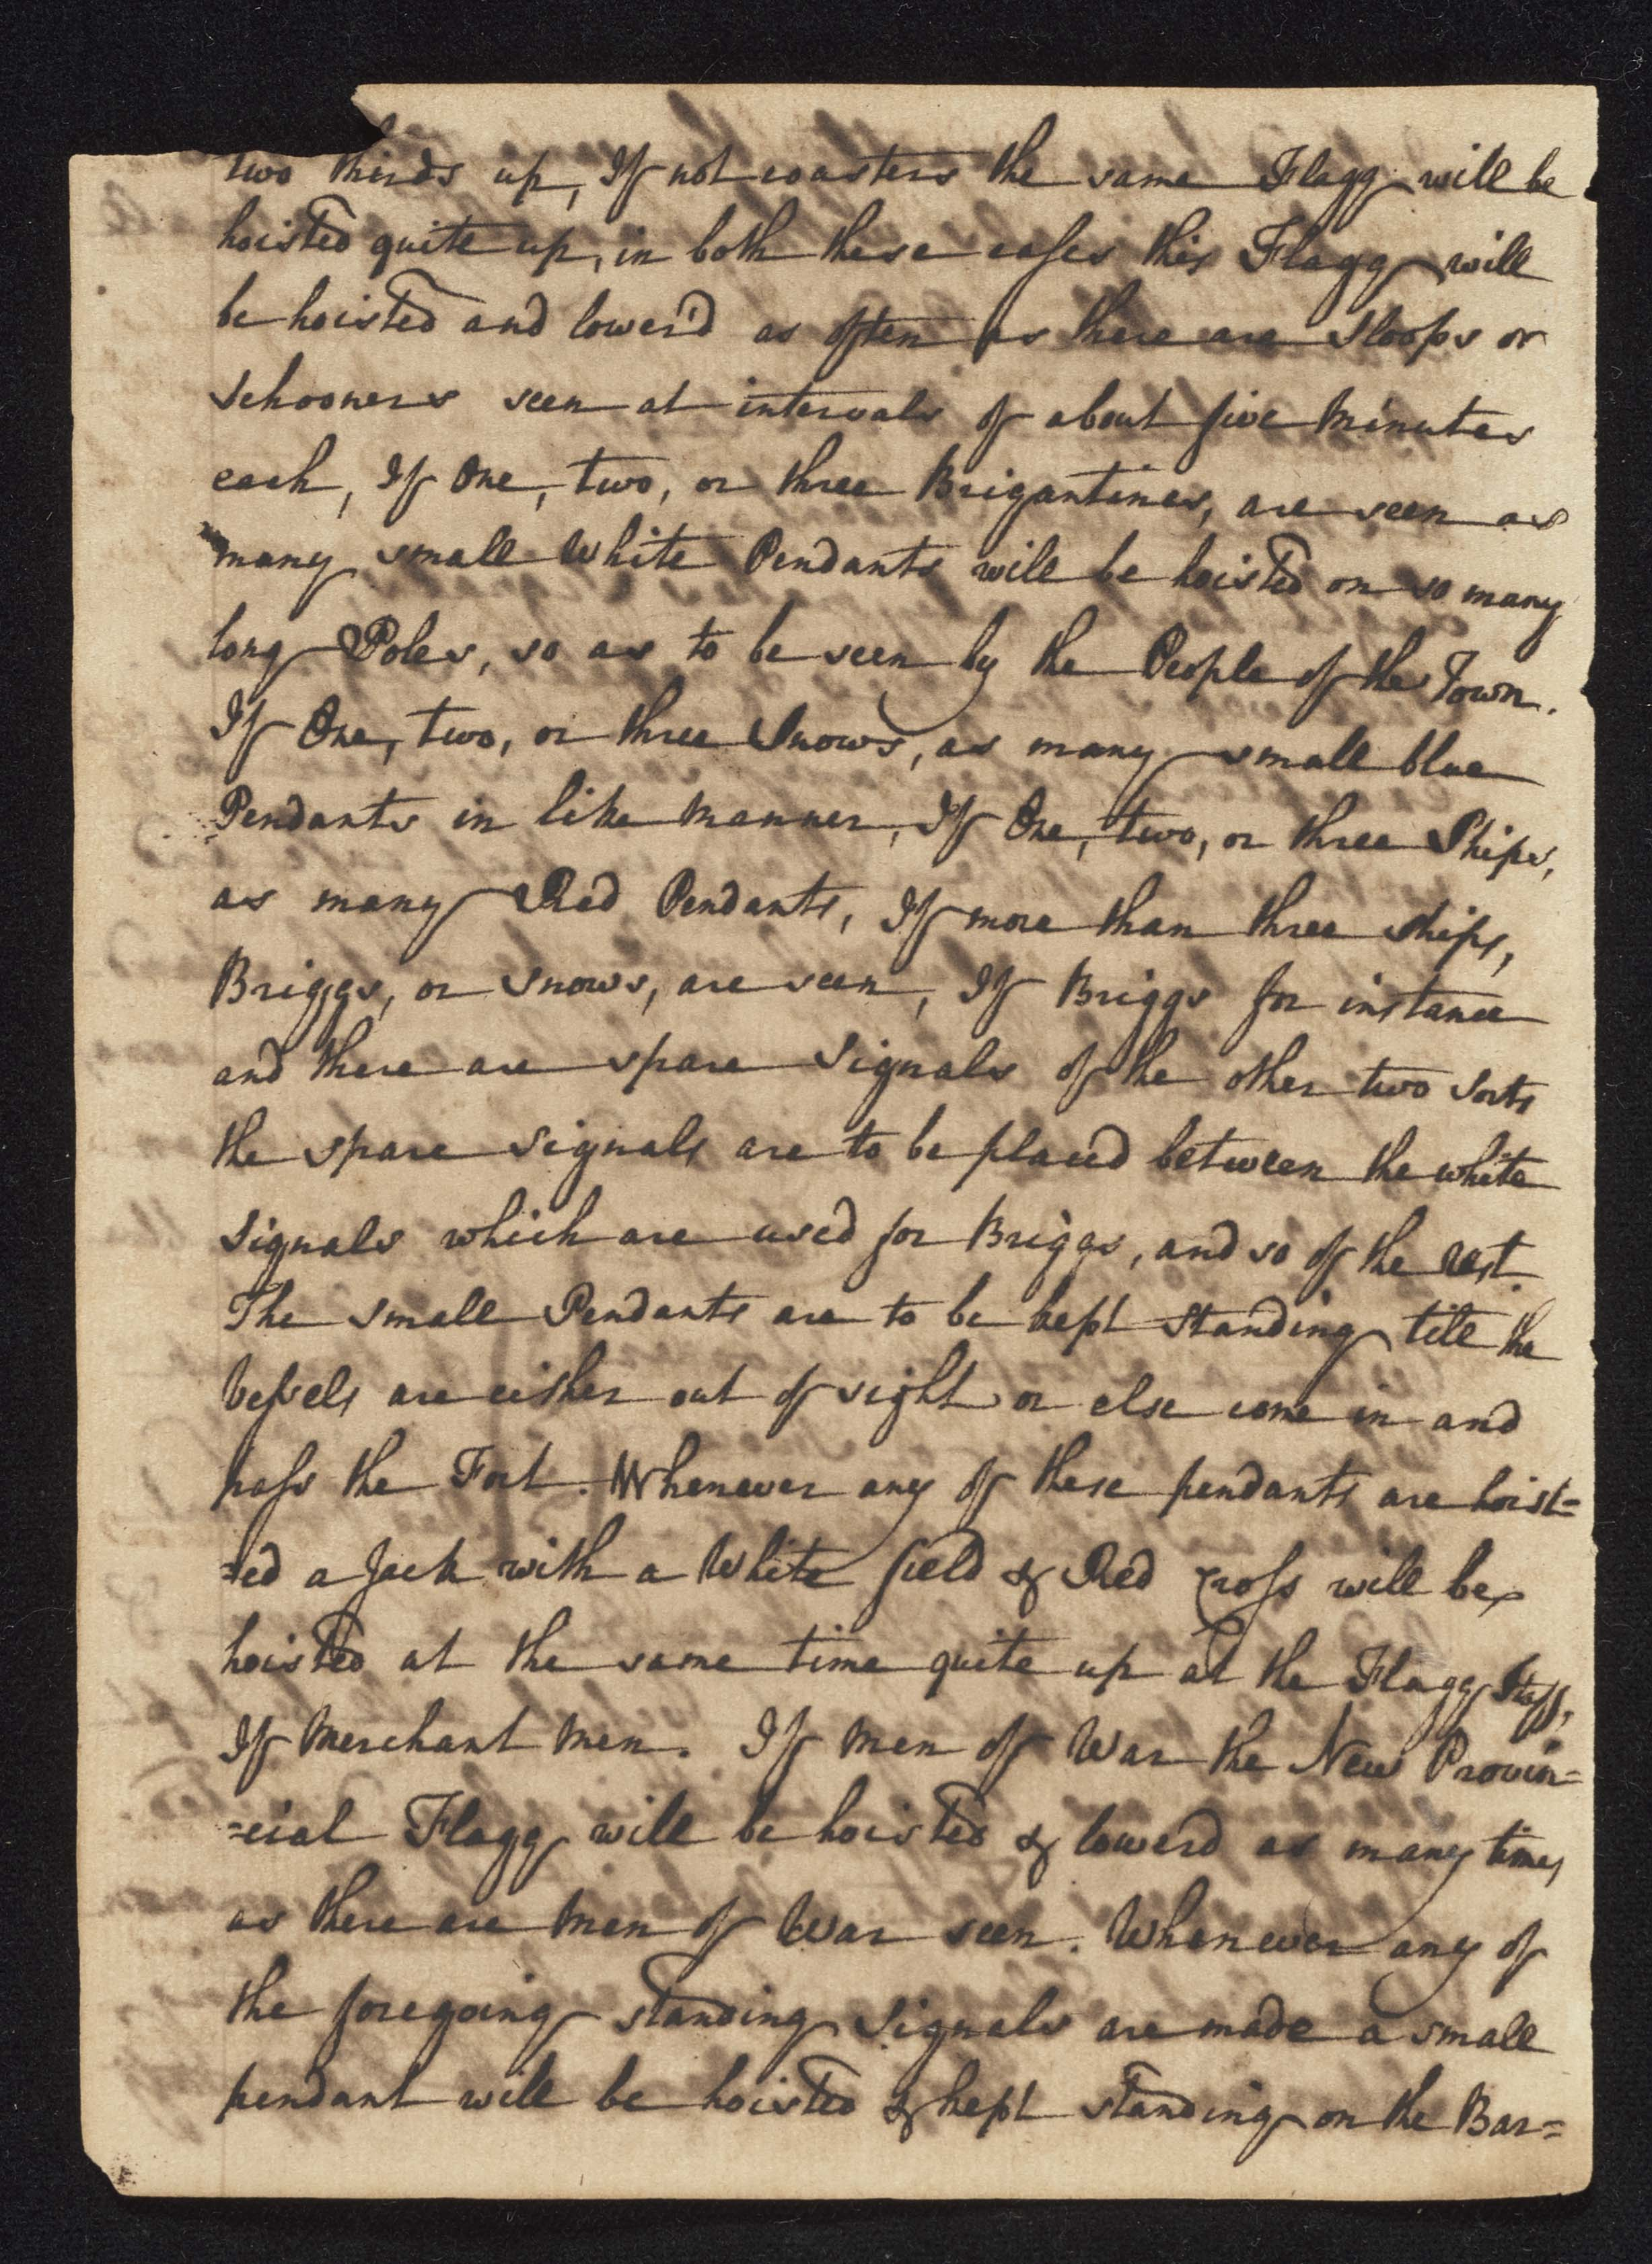 South Carolina Regiment Order Book, Page 82